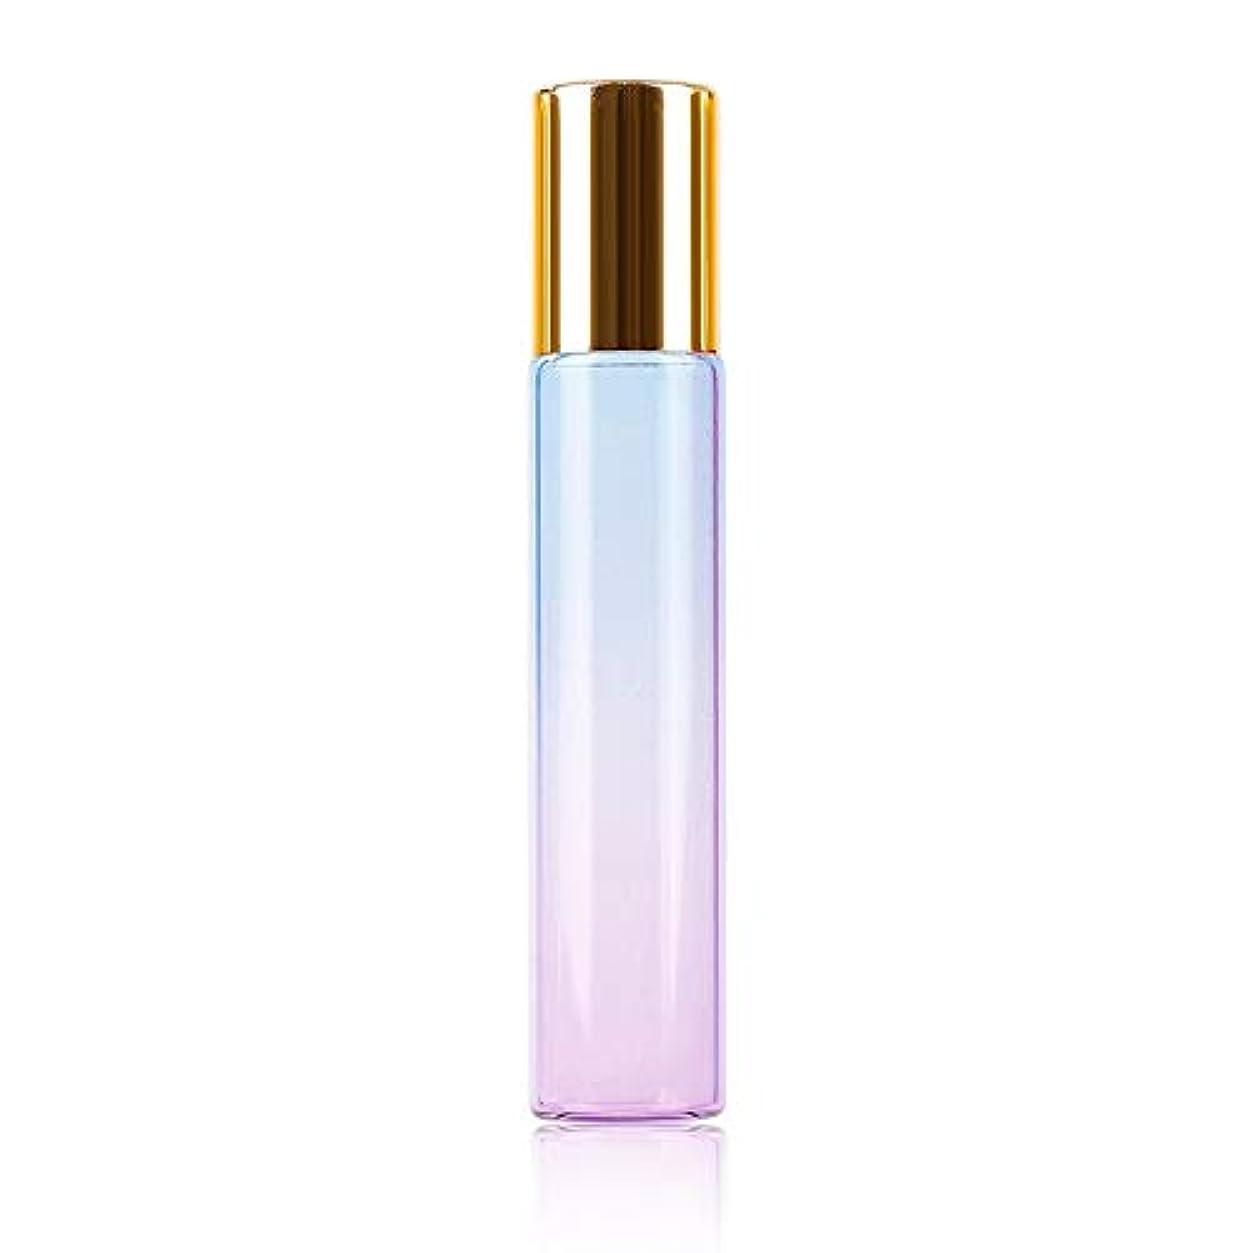 おじいちゃんあいまい粗い旅行、10ML、青紫色のボトル、グラスのための耐久性エッセンシャルオイル空の香水瓶のローラーボールボトルでの1pcs /クリニーク10ミリリットルグラデーションの色の厚いガラスロール